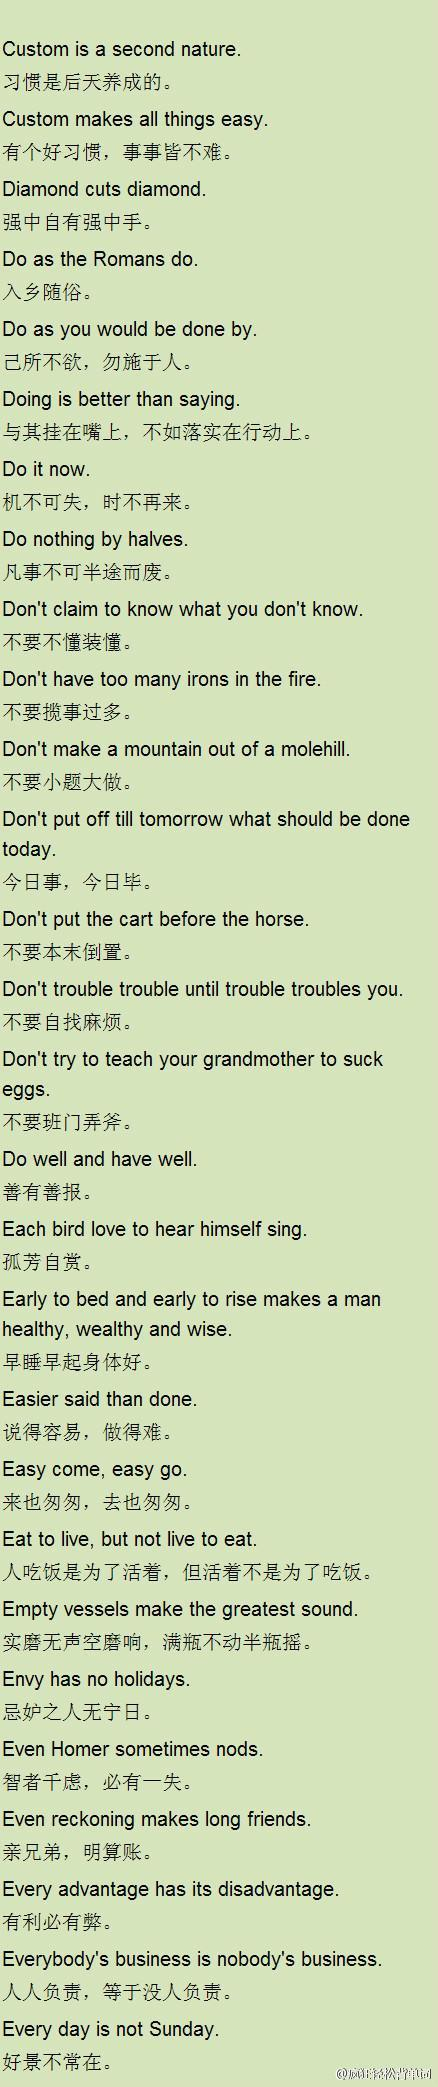 英语谚语中文翻译各种意译:中英哪个更妙?